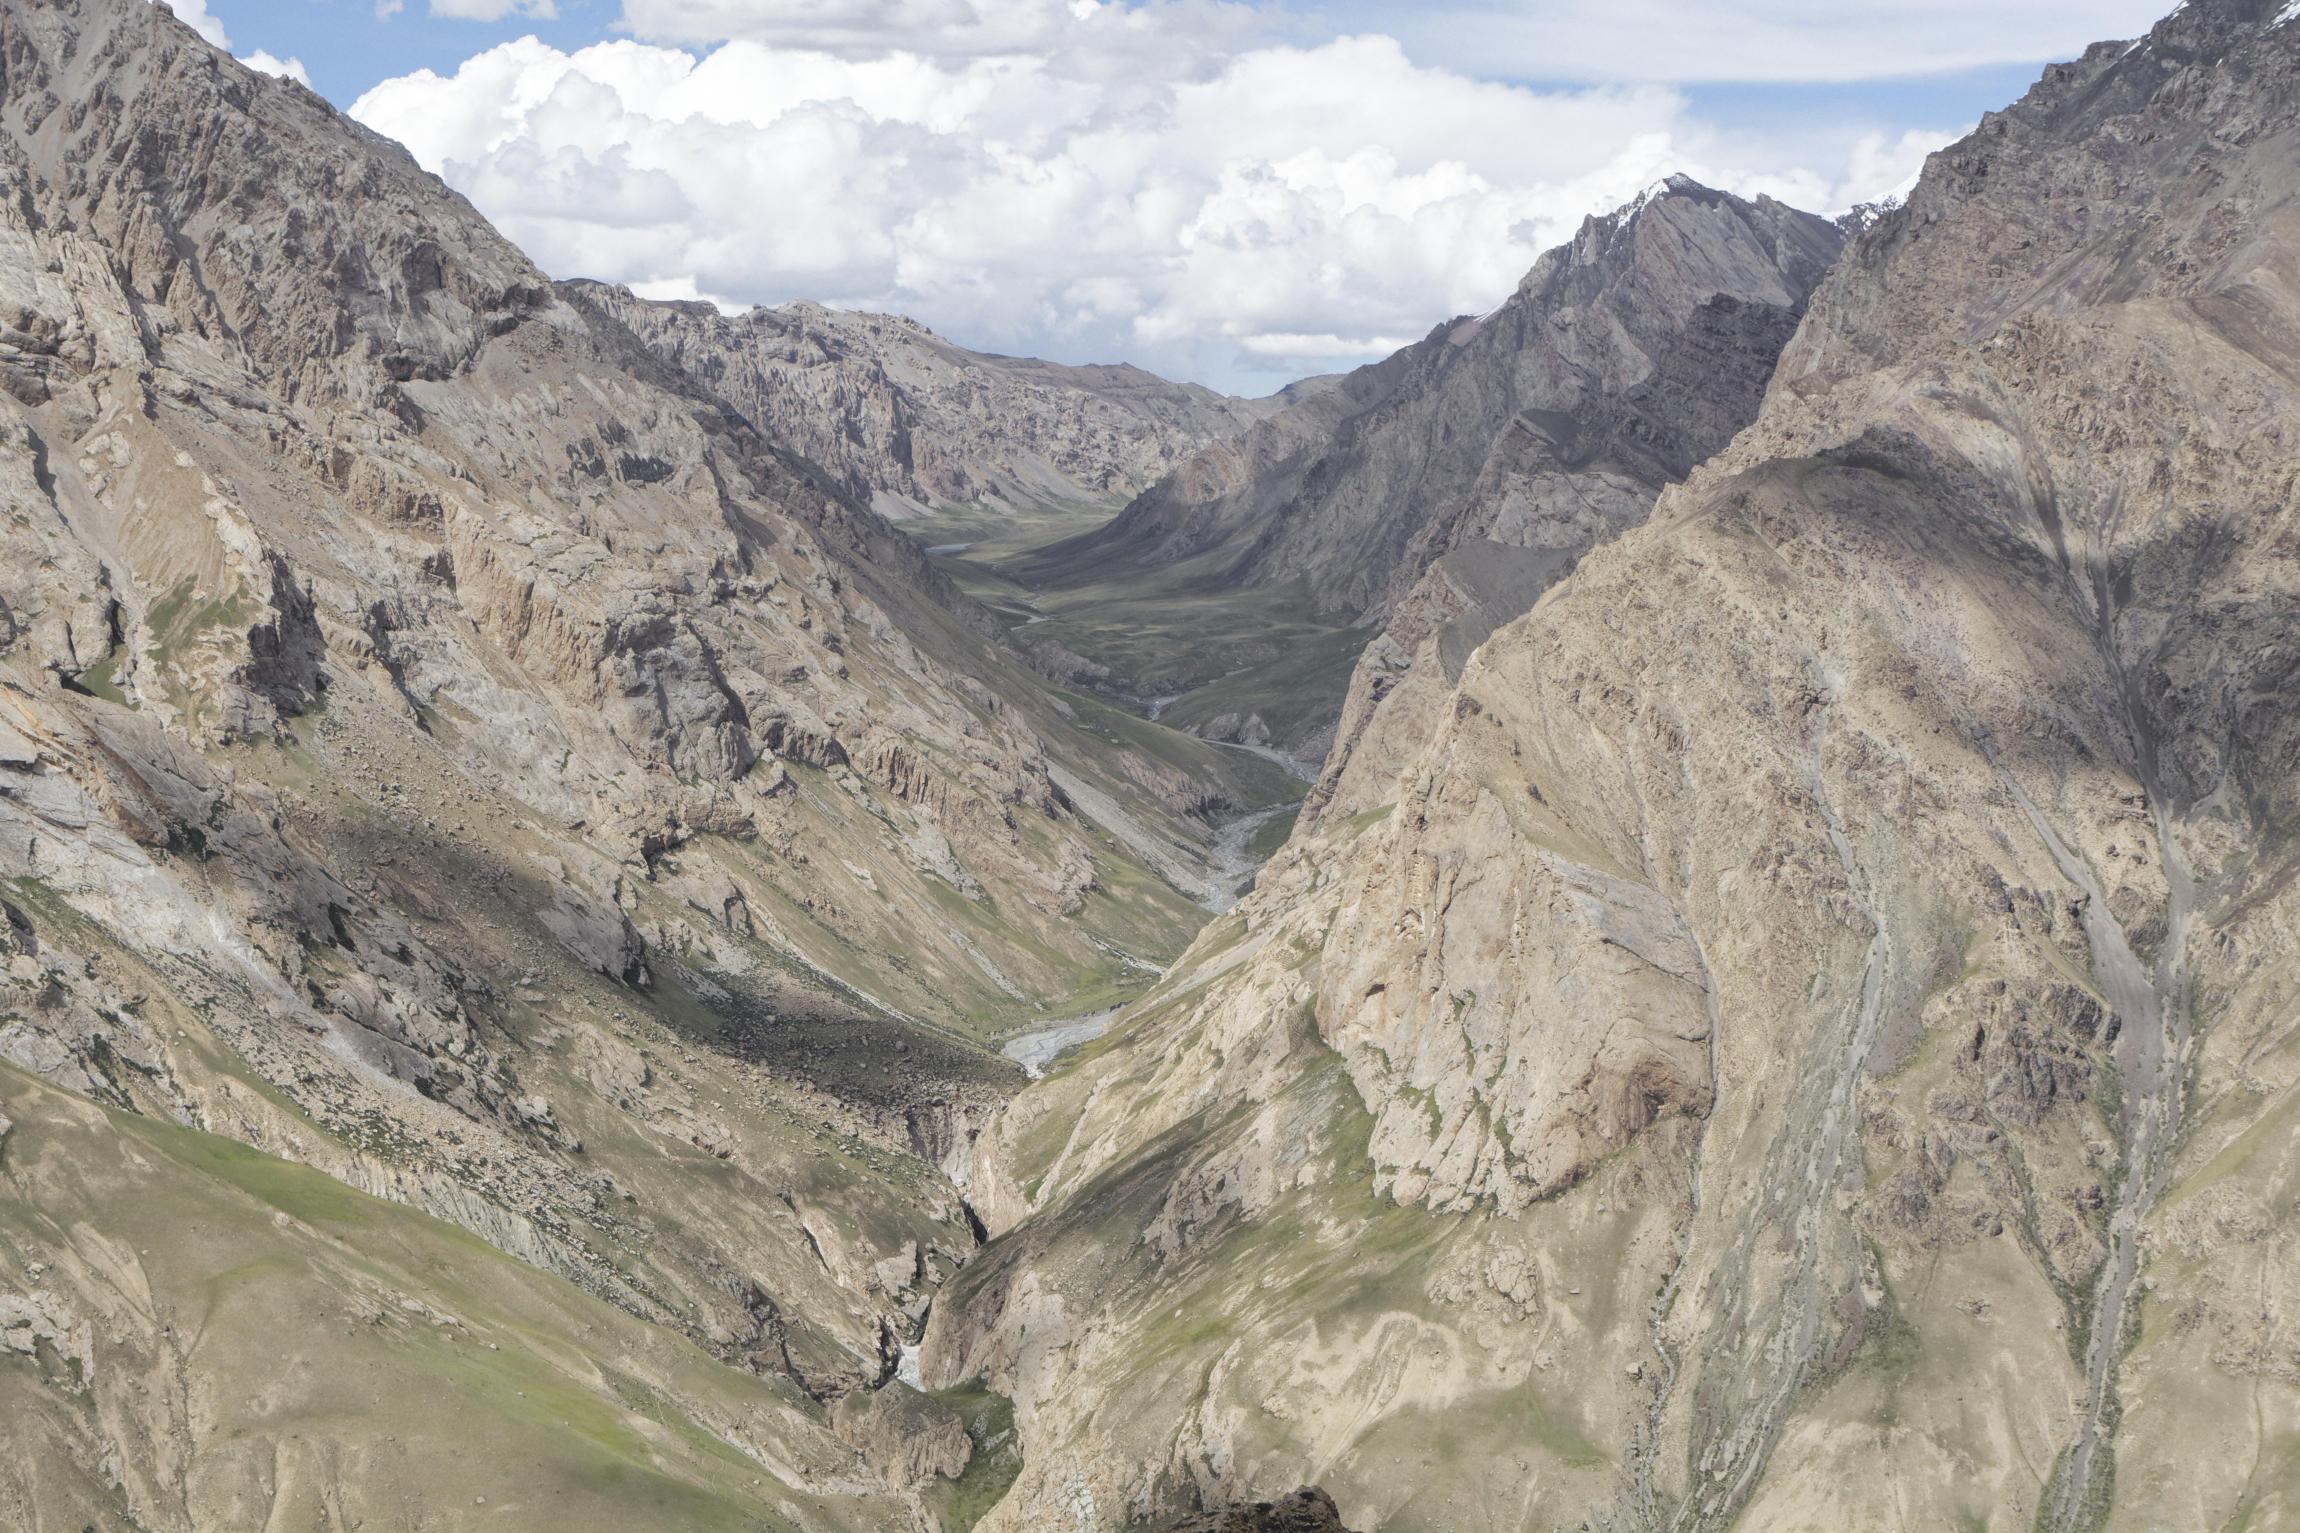 Montagnes vallée de Kaindy Kirghizstan